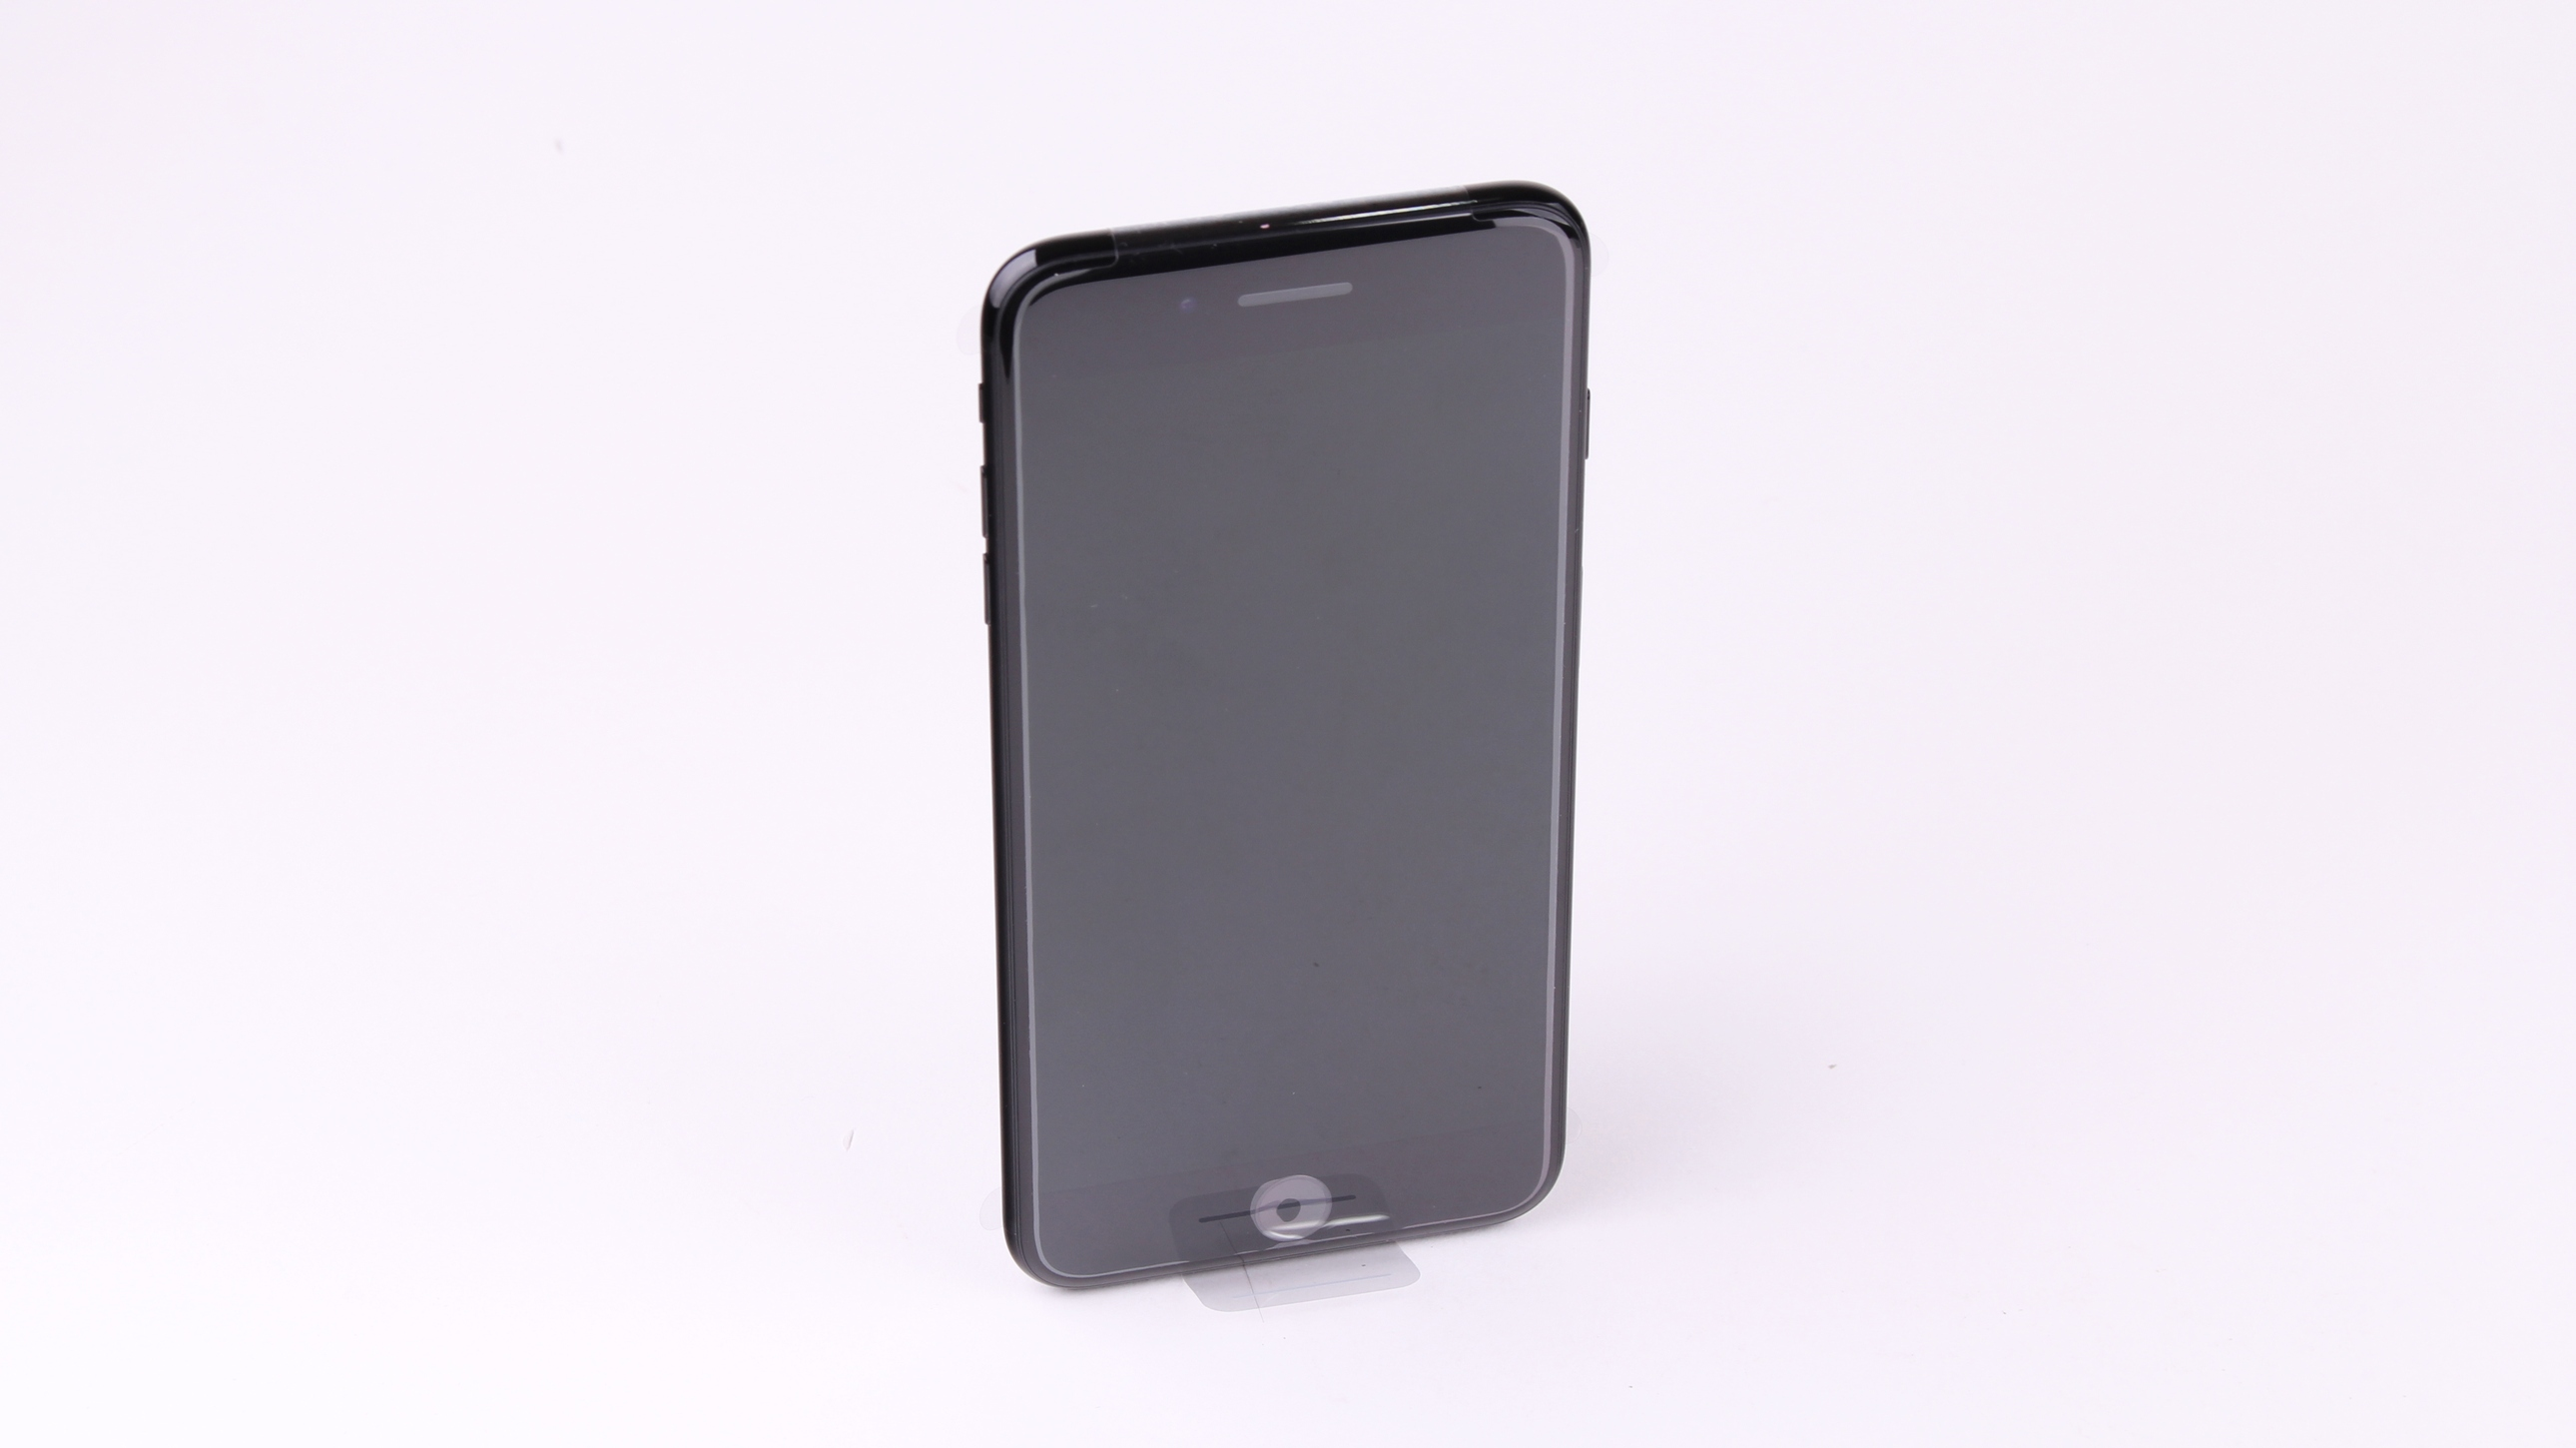 6c5d56b9d75 iPhone 7 Plus 128GB Jet Black   Duct Tape Workshop